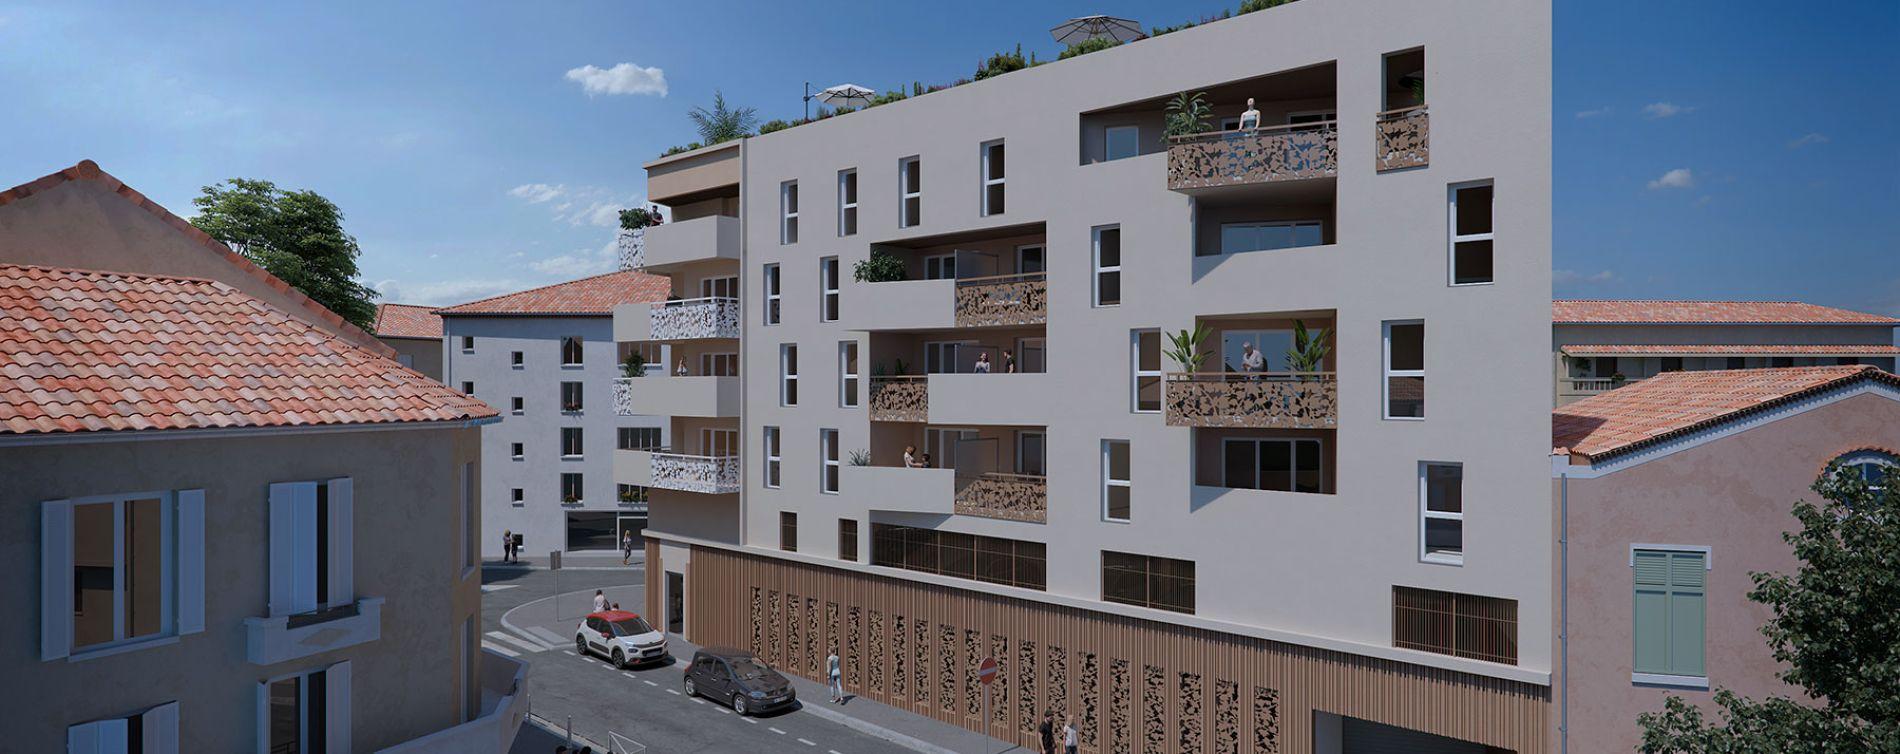 Résidence Krome 182 à Toulon